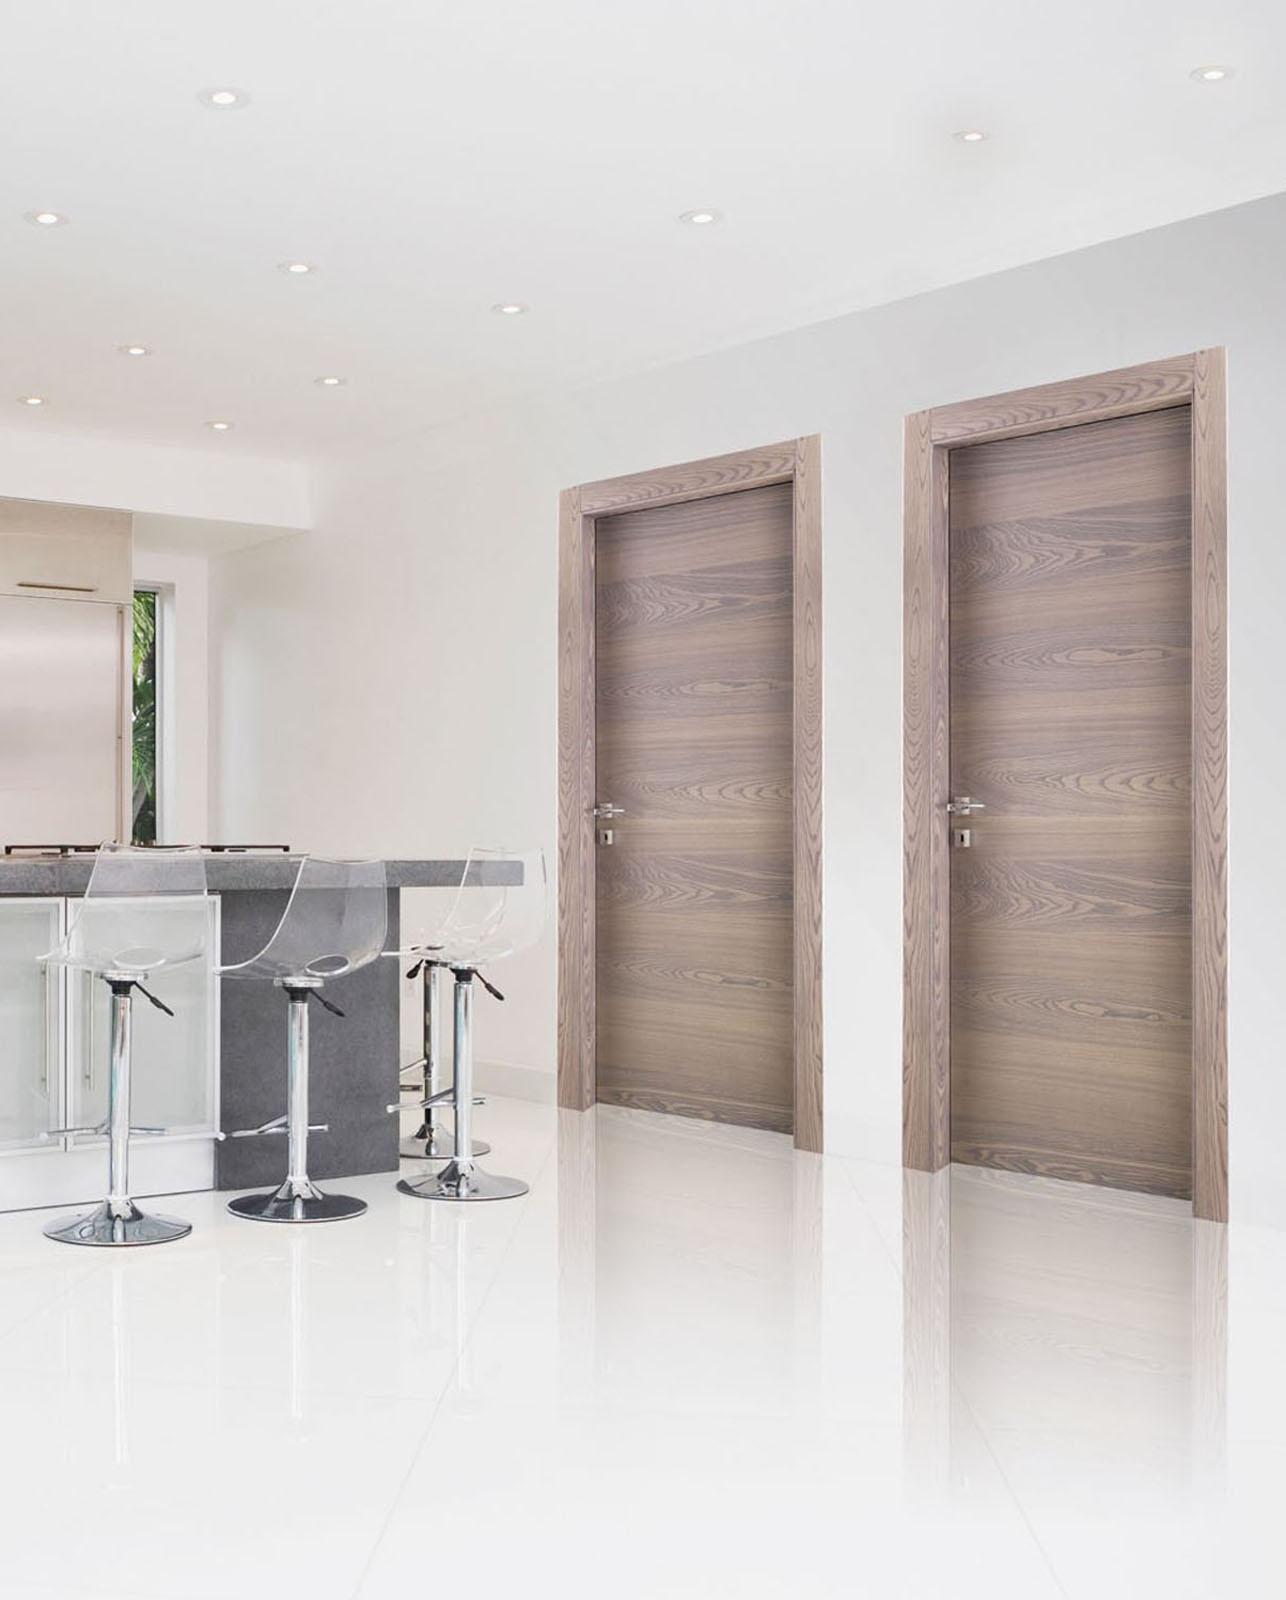 Porte in legno da interni ferrerolegno maffeisistemi for Stili di porta d ingresso per case di ranch